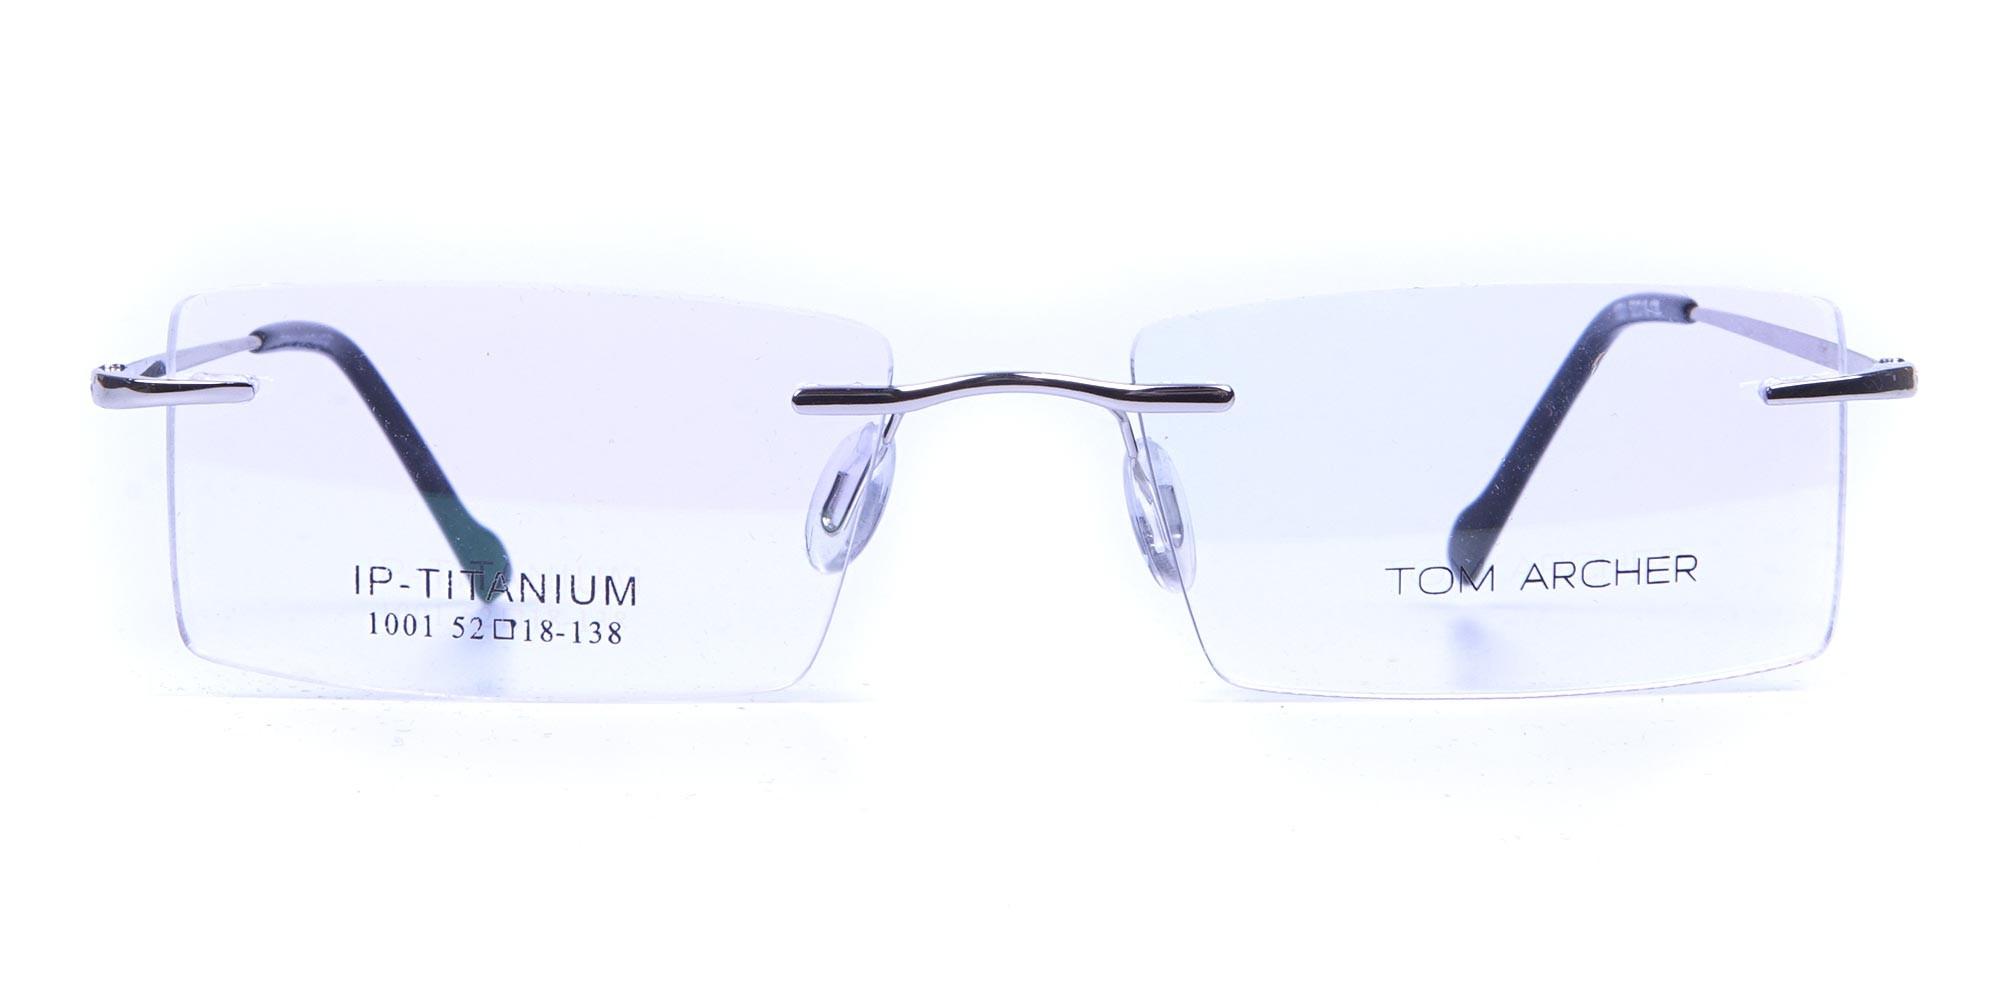 Rimless Glasses in Silver for Men & Women - 1